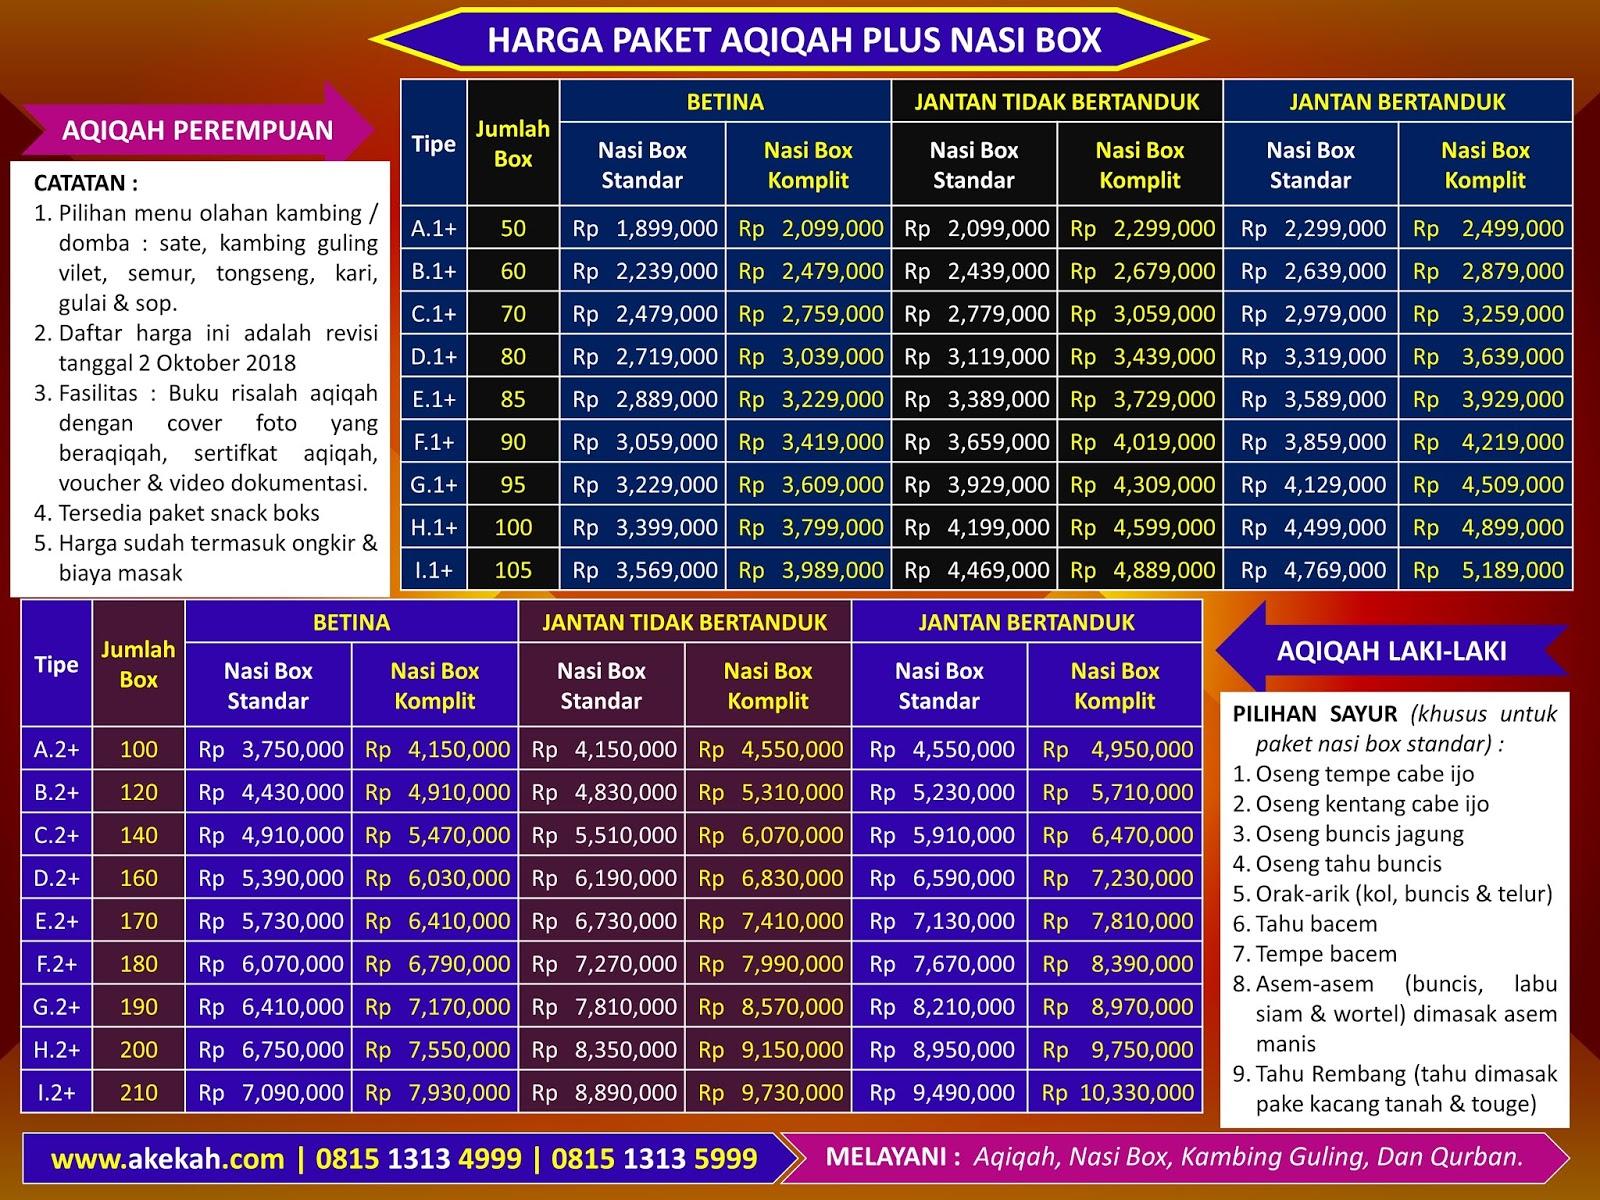 Harga Paket Aqiqah Dan Catering Murah Untuk Anak Laki-Laki Bogor Tengah Kota Bogor Jawa Barat